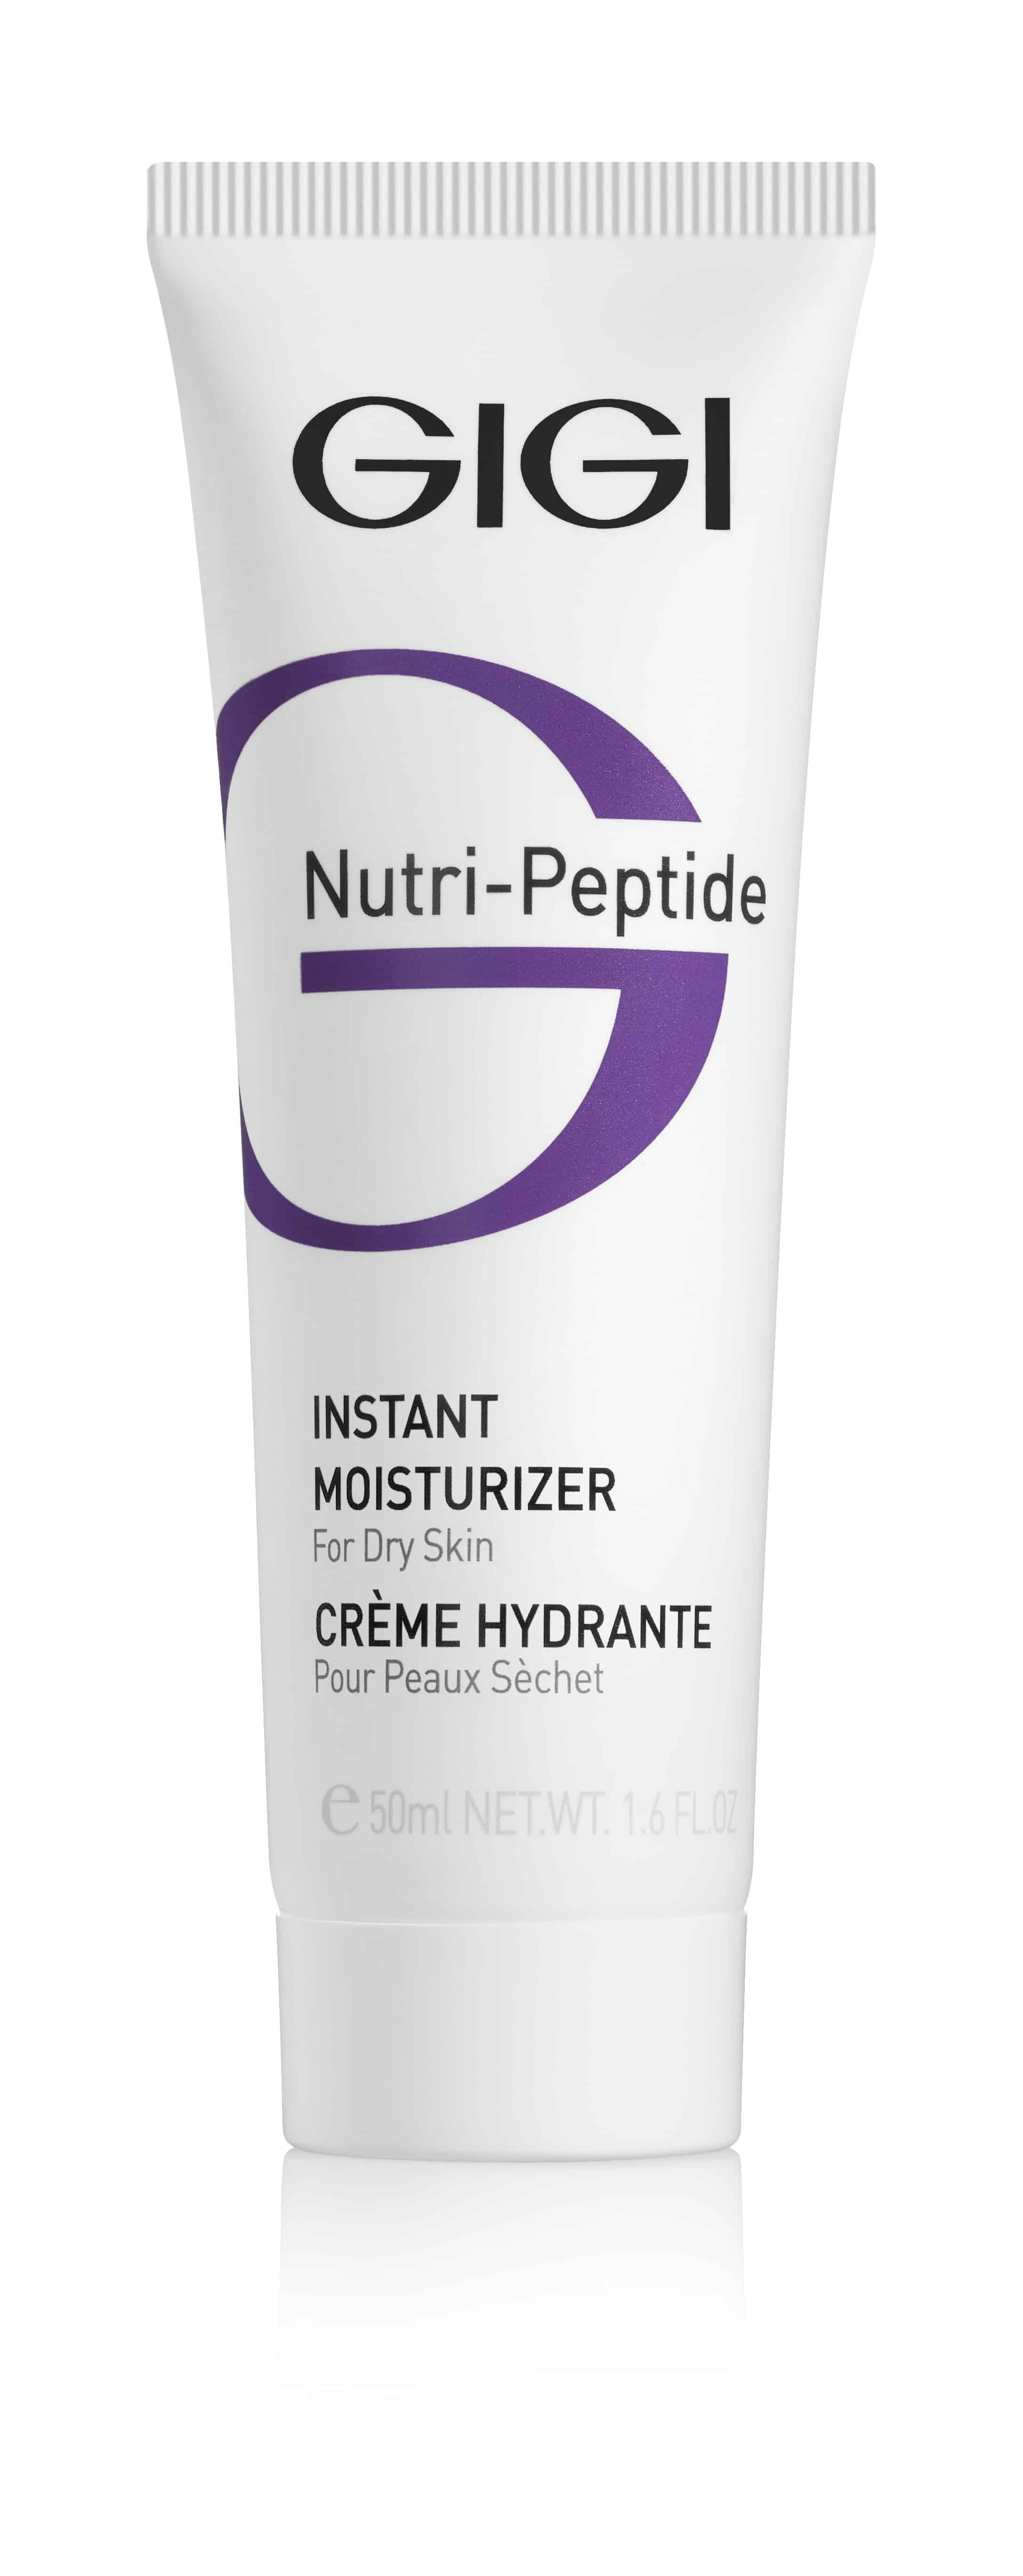 קרם לחות לעור יבש- NUTRI PEPTIDE מחיר 169 שח קרדיט צילום הדמיה